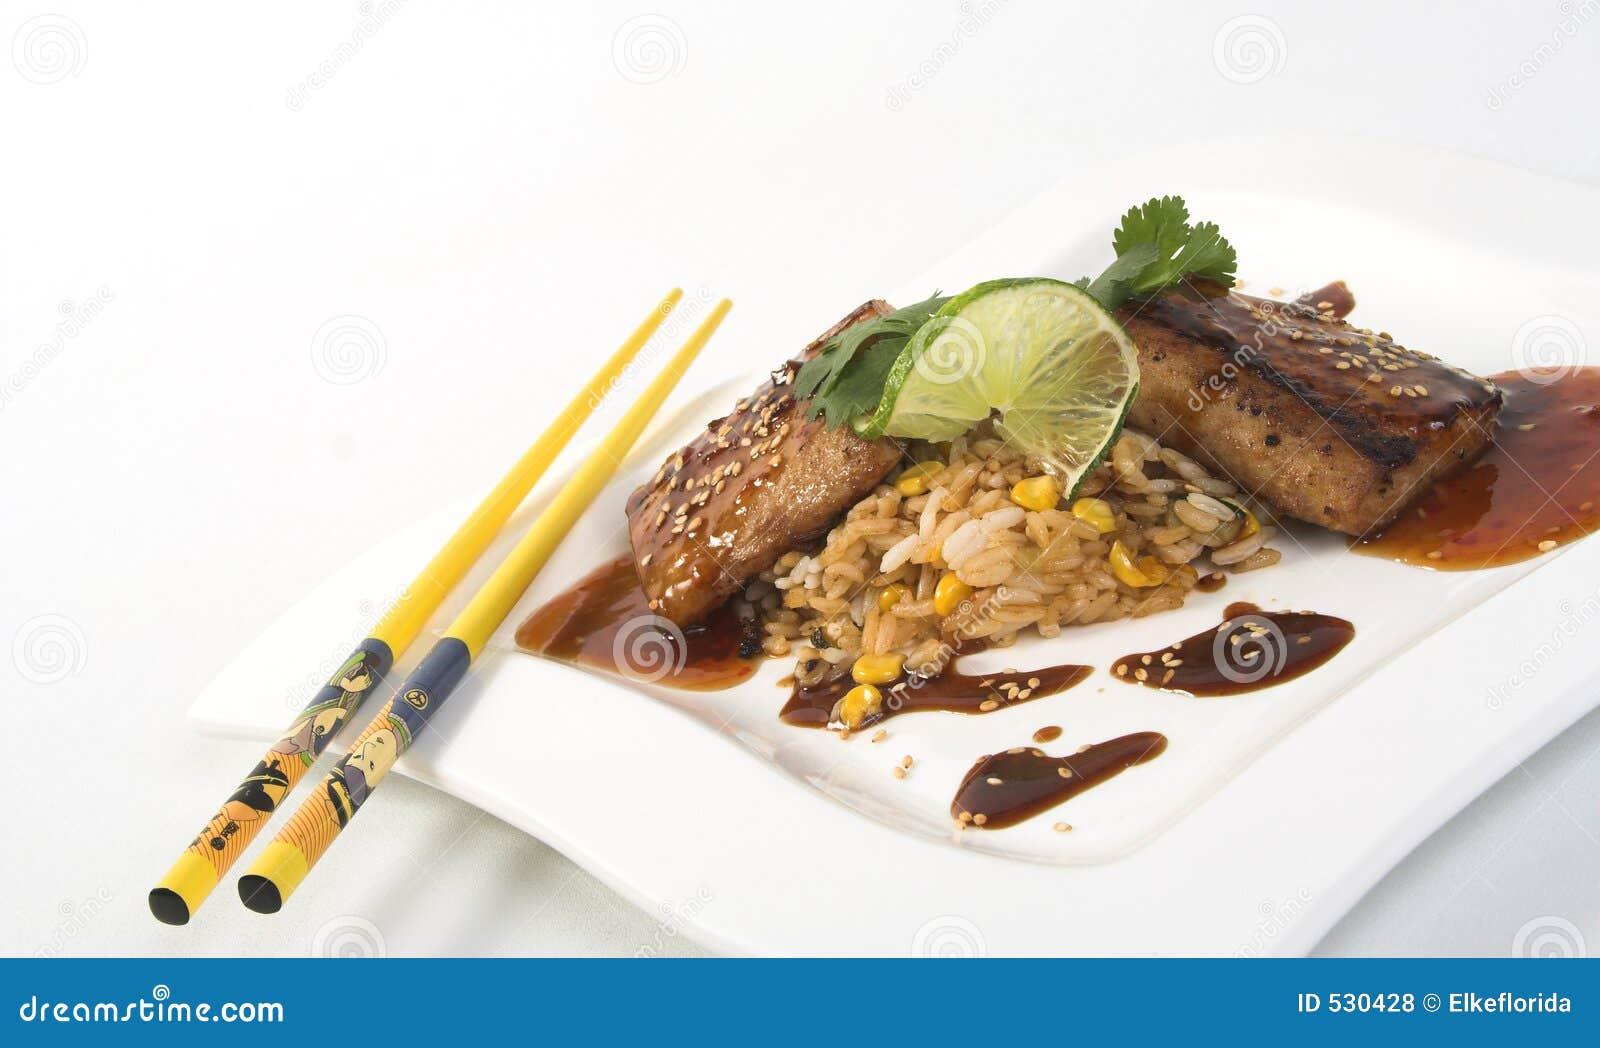 Download 油煎的mahi米 库存照片. 图片 包括有 种子, 用餐, 筷子, 草本, 餐馆, 香菜, 海豚, 石灰, 调味汁 - 530428